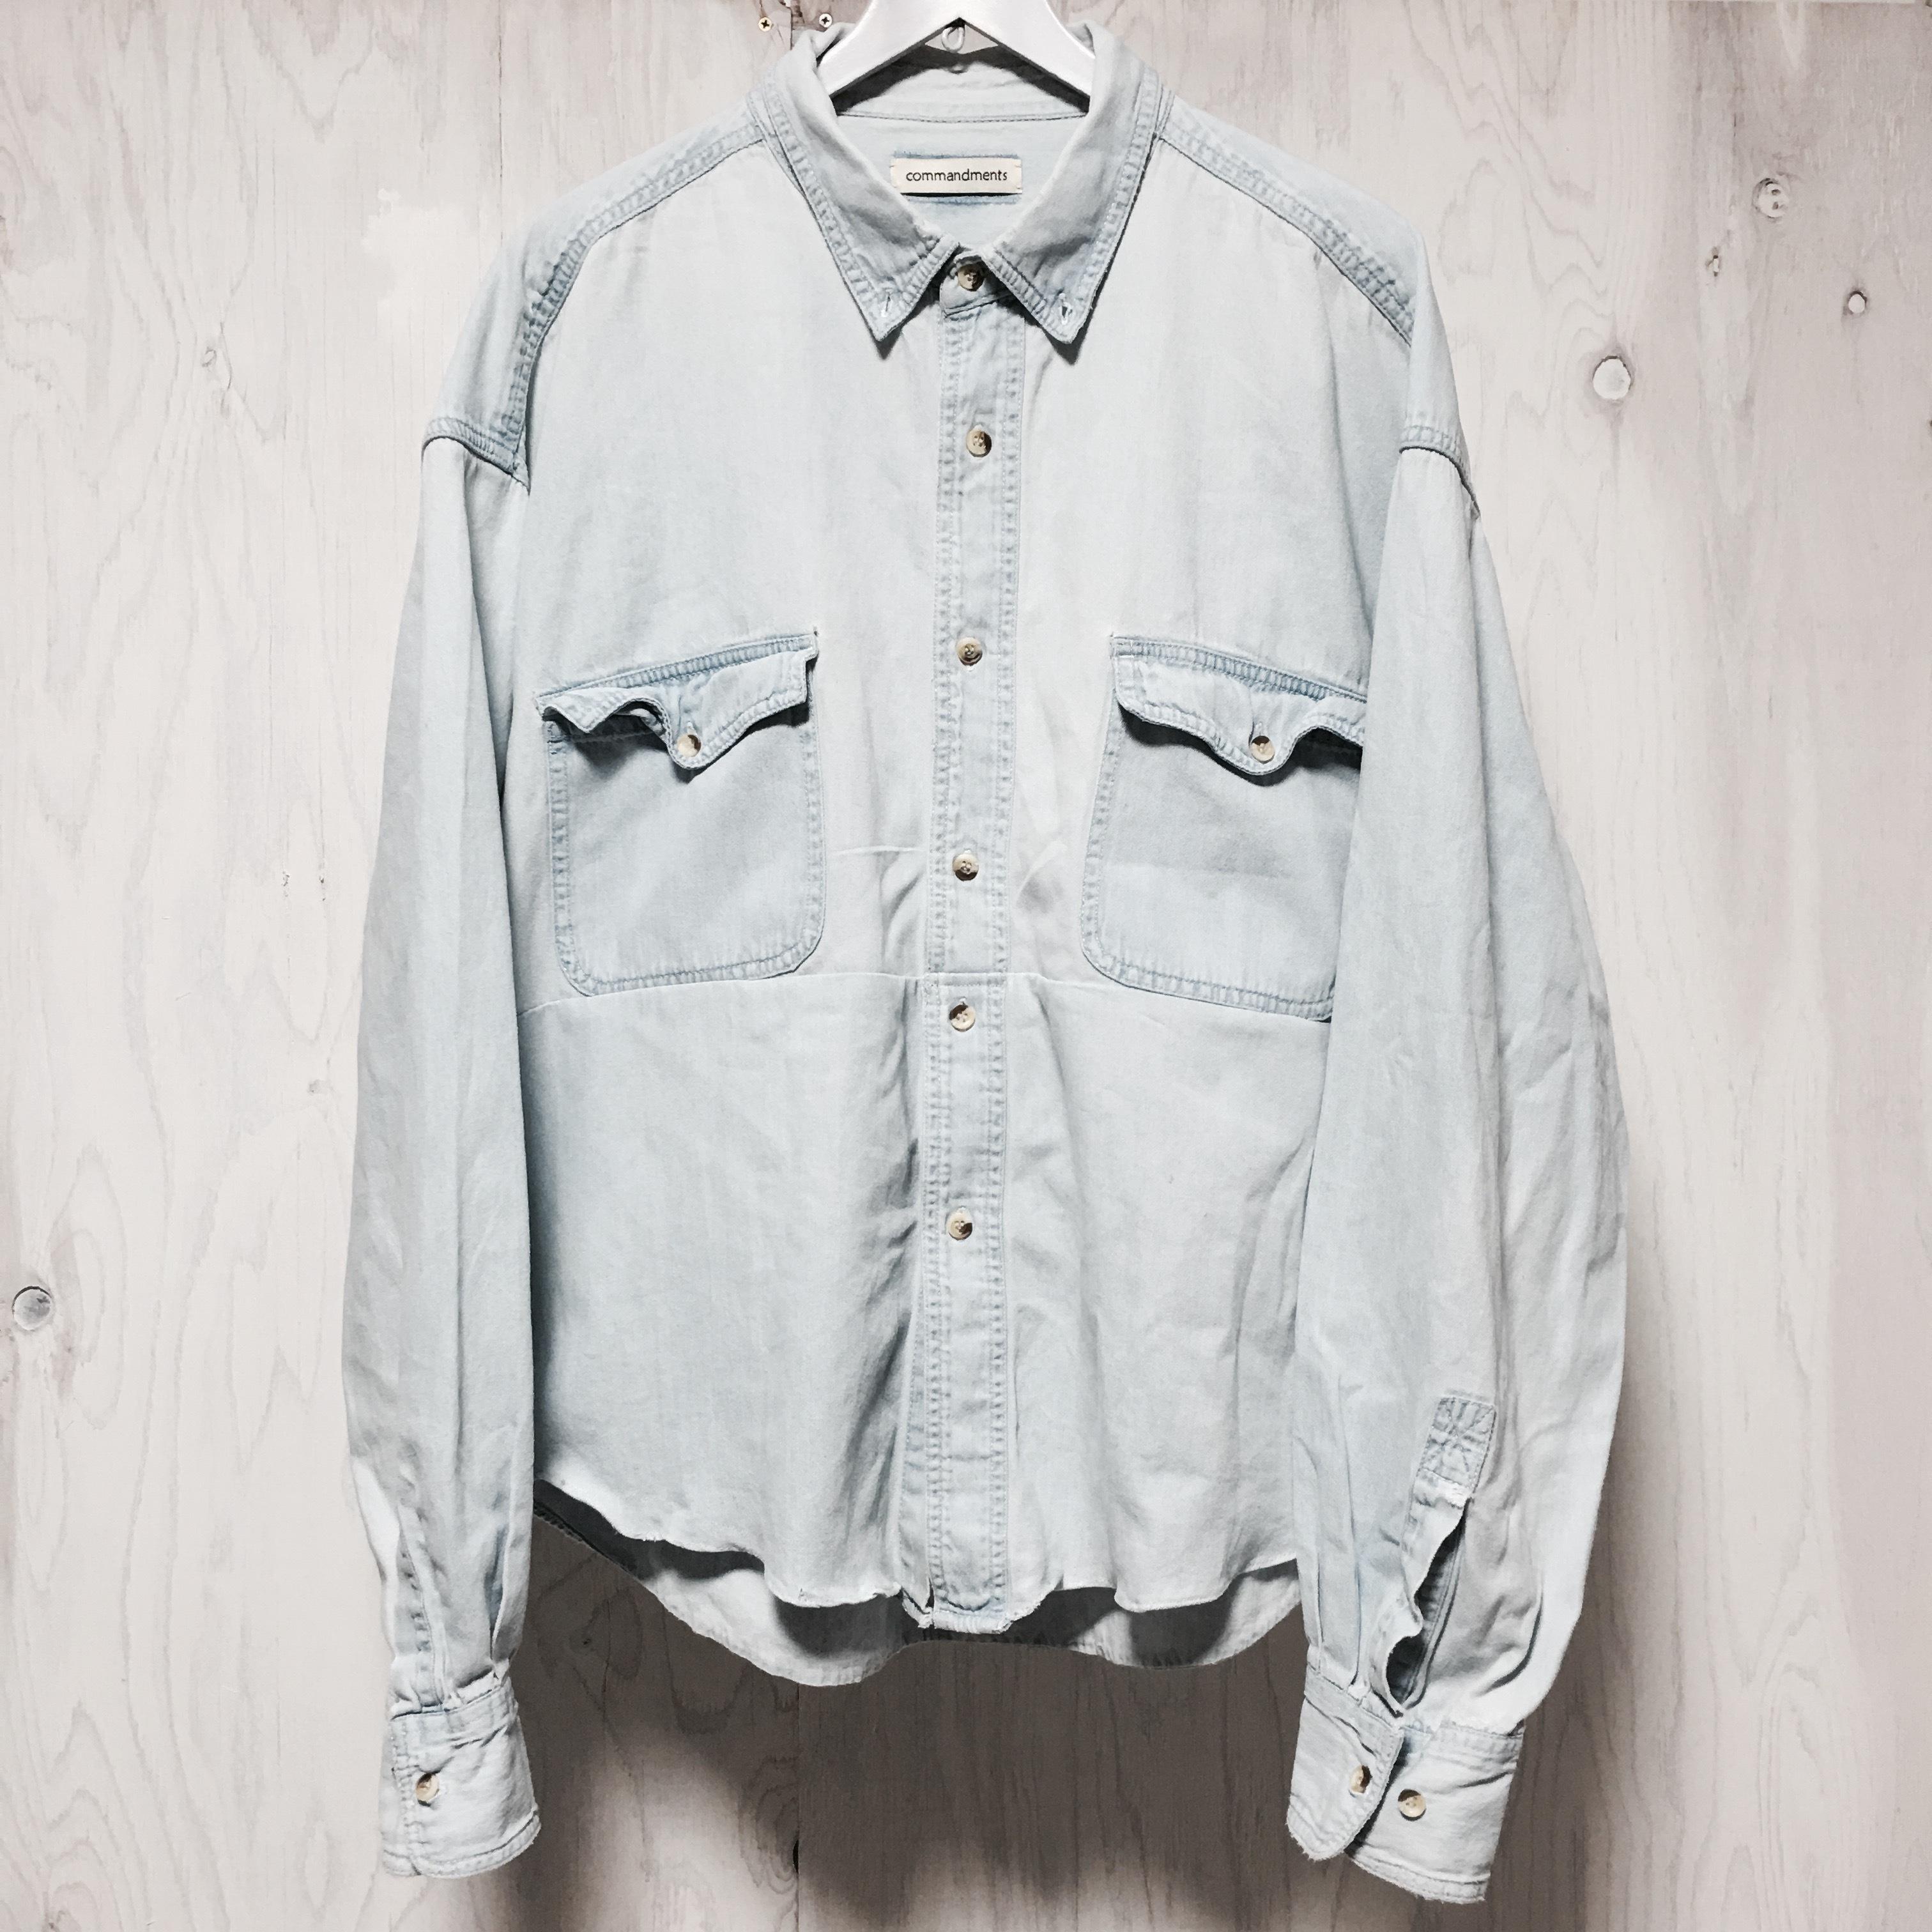 Square plane shirt